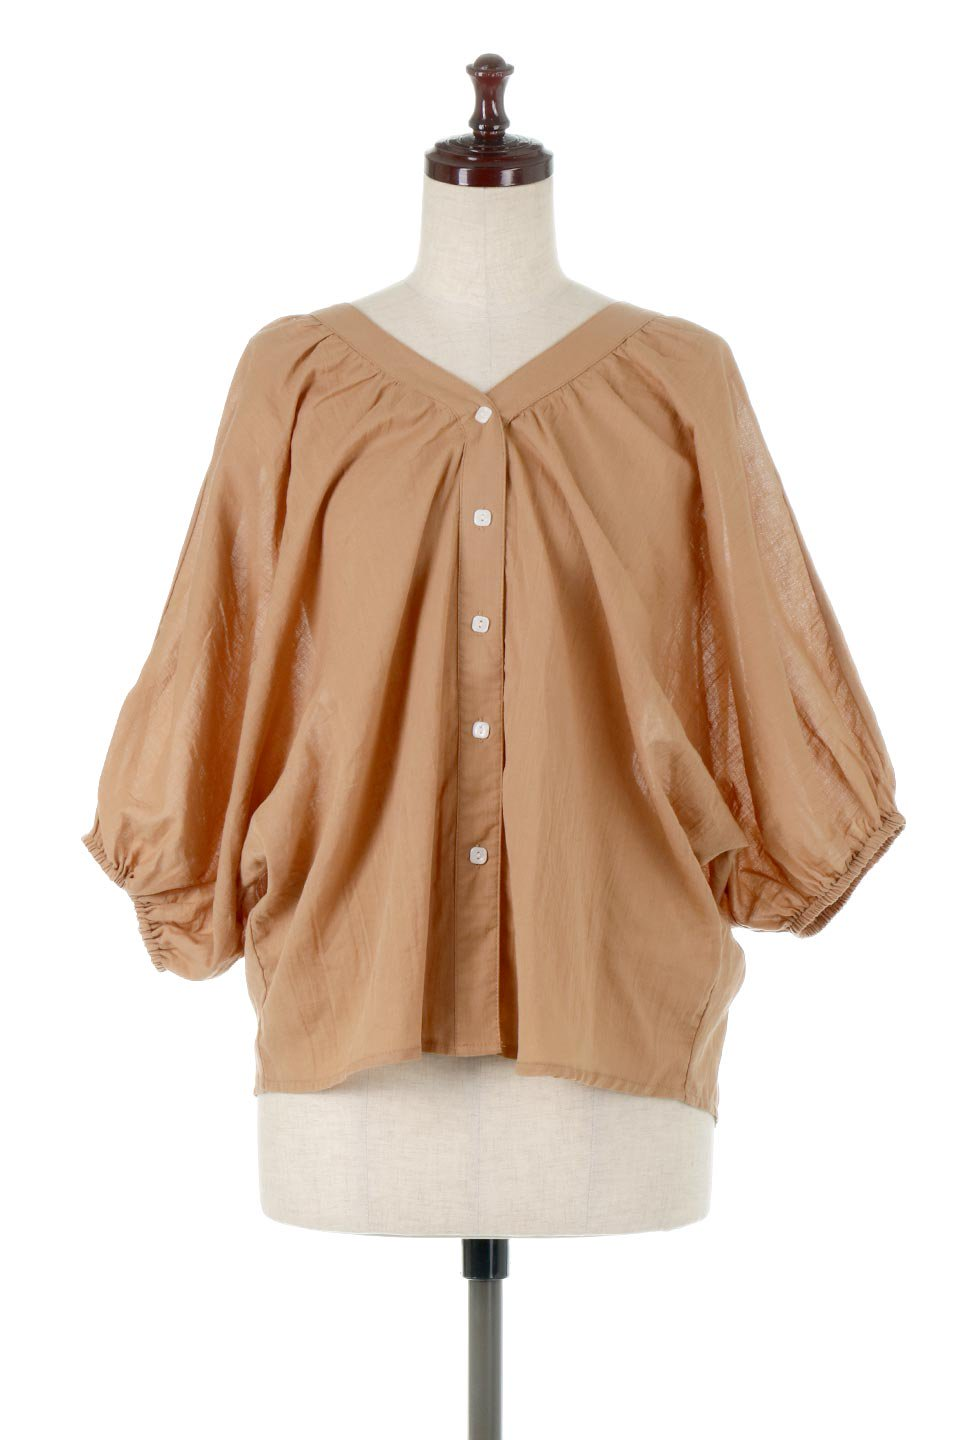 VoluminousSleeveBlouseボリュームスリーブ・ブラウス大人カジュアルに最適な海外ファッションのothers(その他インポートアイテム)のトップスやシャツ・ブラウス。ボリュームがありながらも軽やかな素材で清涼感溢れるエアリーブラウス。綿100%の素材を使用しているので着心地も良くストレスフリーのトップスです。